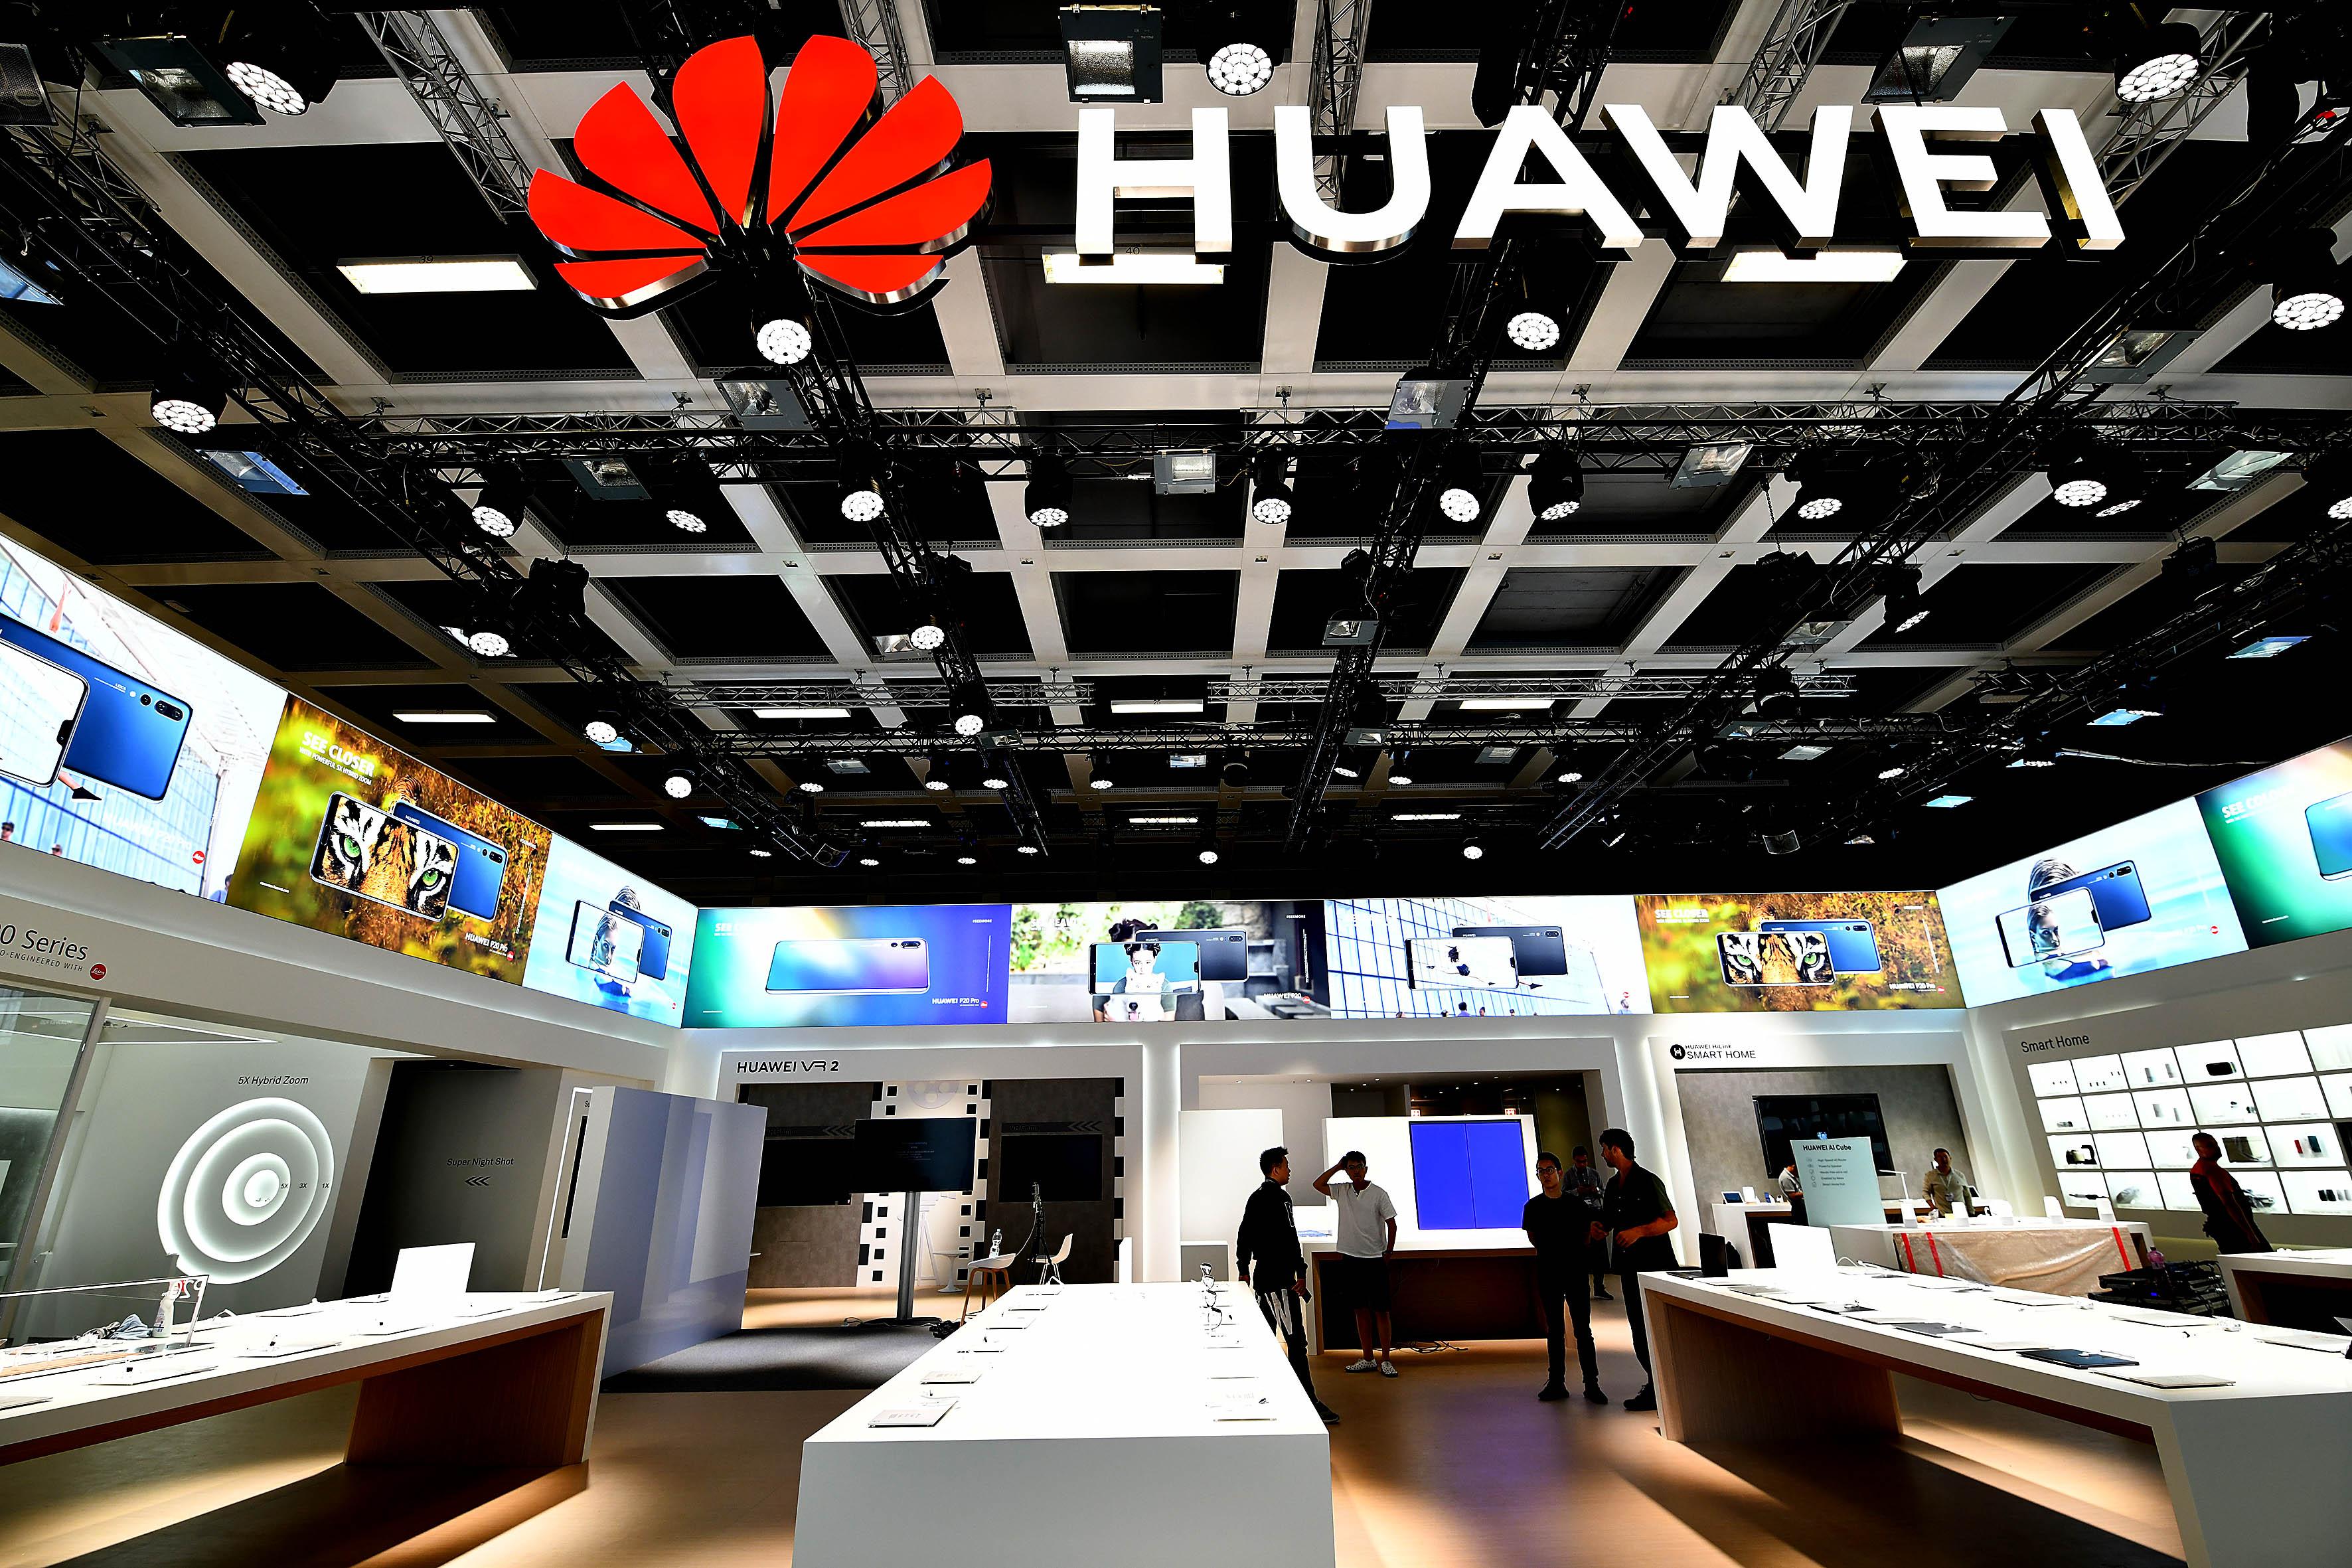 """Foto: Michael B. Rehders Gleich nebenan wartet Huawei (wird """"wawei"""" ausgesprochen) mit seinen neuen Smartphones auf. Mir hat es der P20 Pro angetan, ob seiner fantastischen Foto- und Filmqualität."""